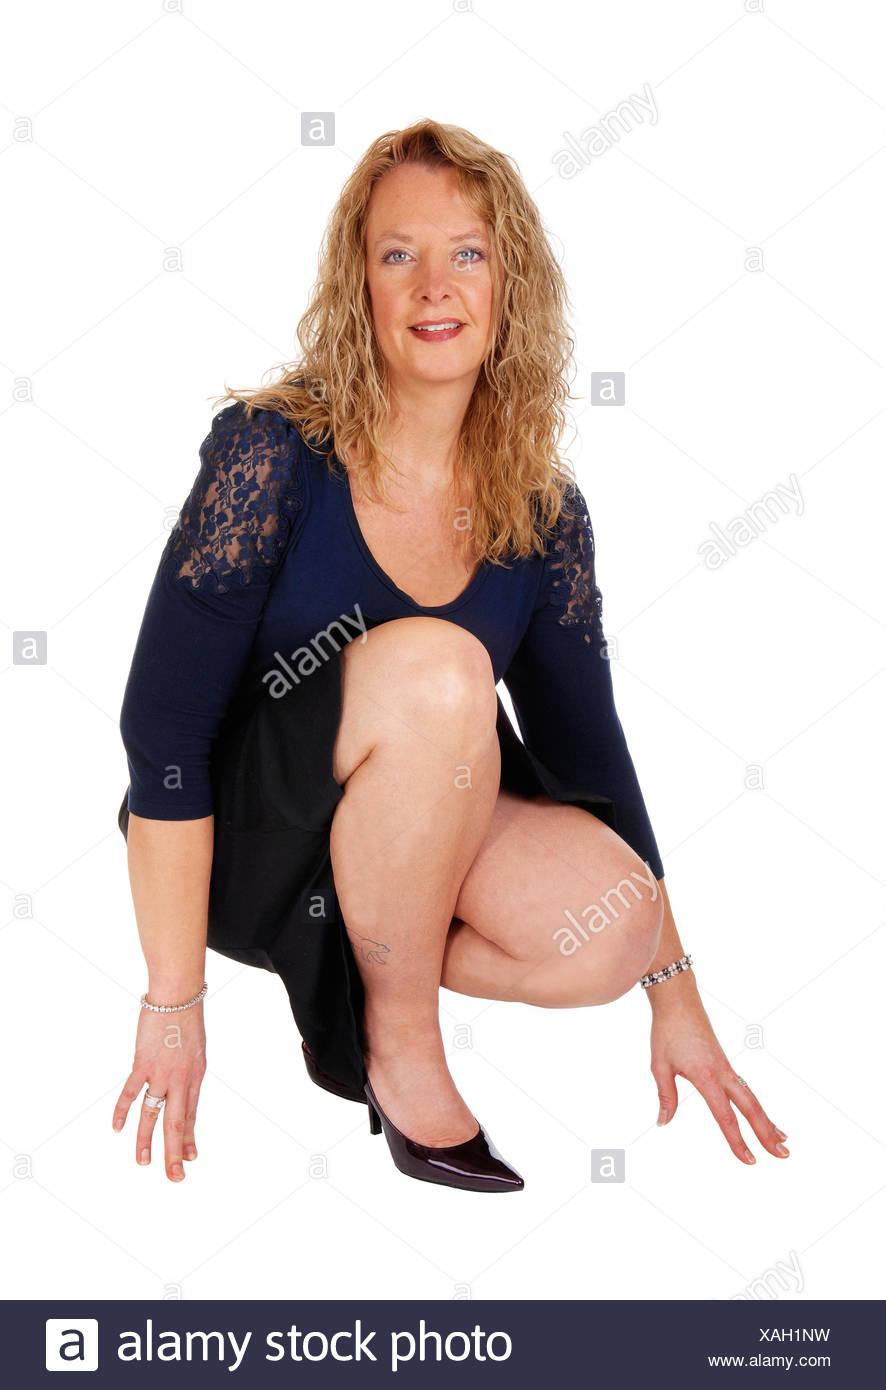 D'imagesPhoto Stock Accroupie Sur Femme Sol Le Jolie Banque 53ARj4Lq